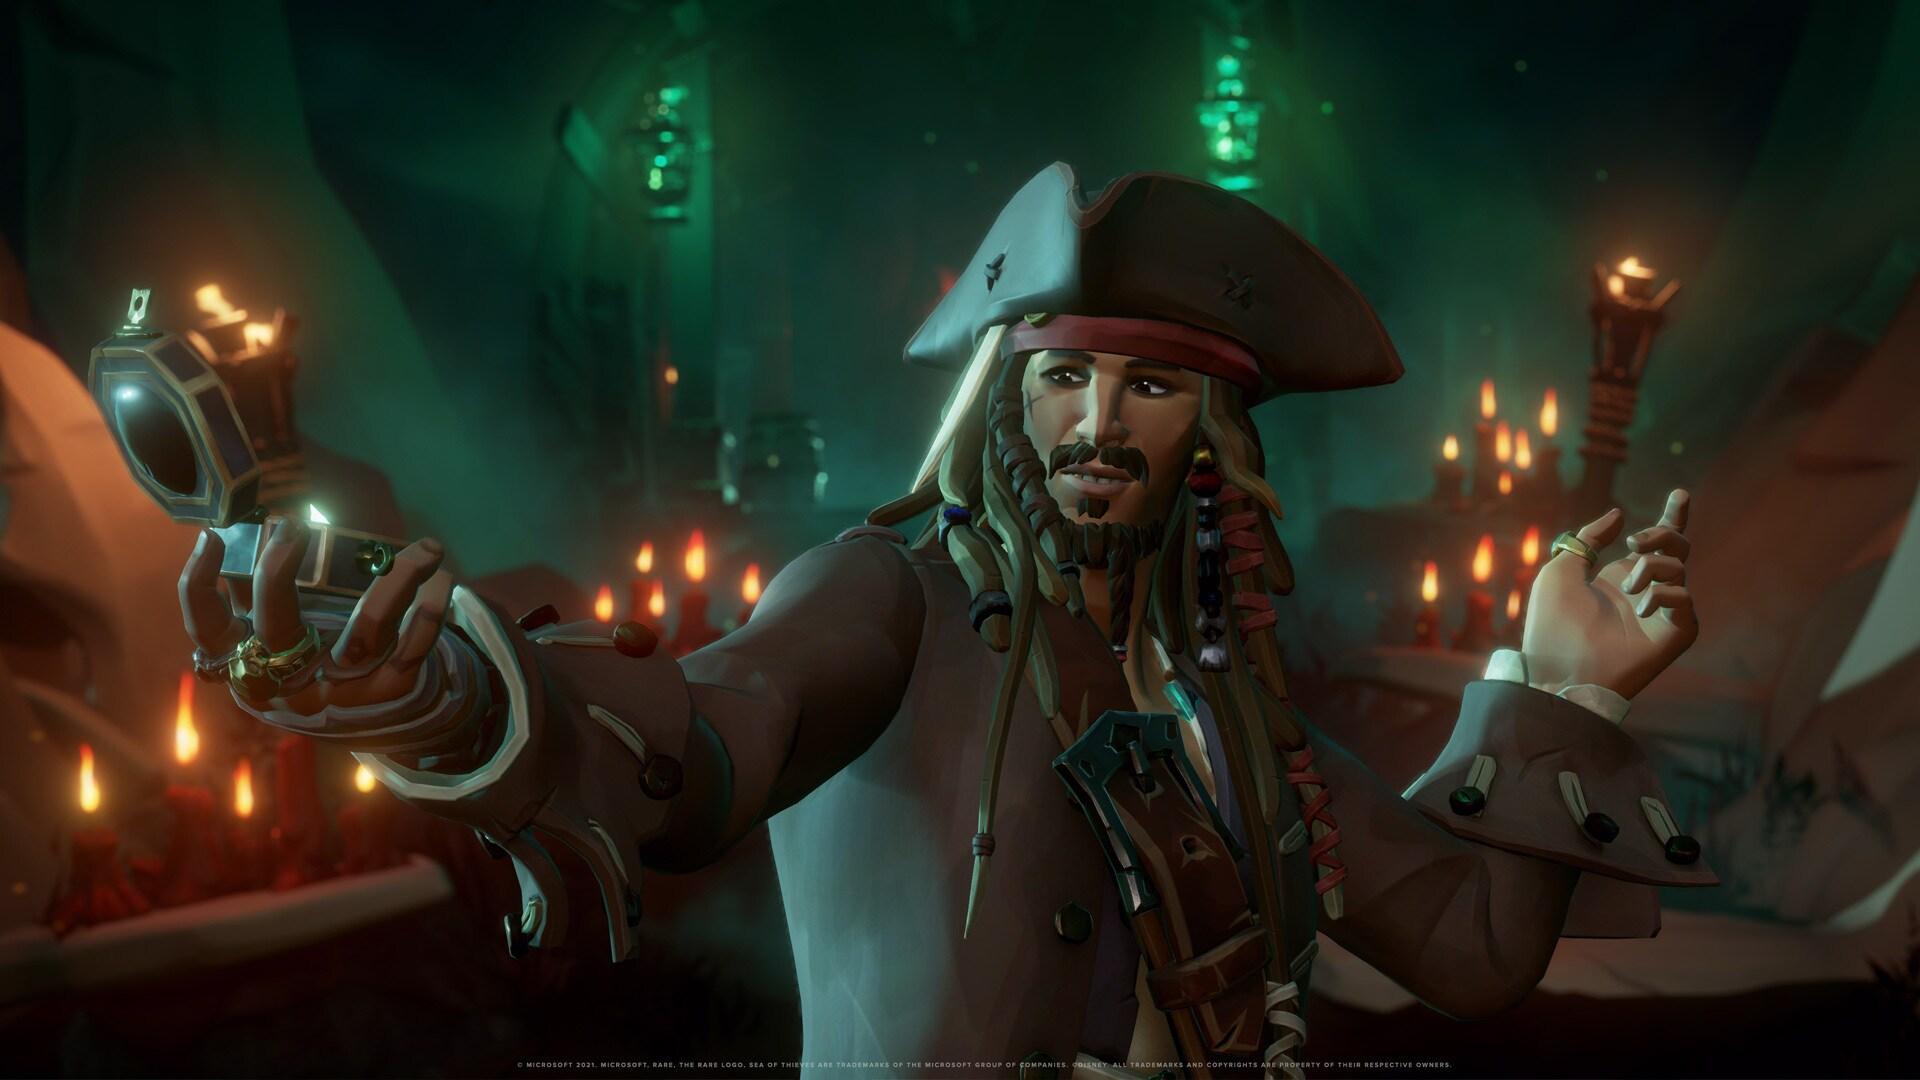 Únete al Capitán Jack Sparrow en Sea of Thieves: La Vida Pirata